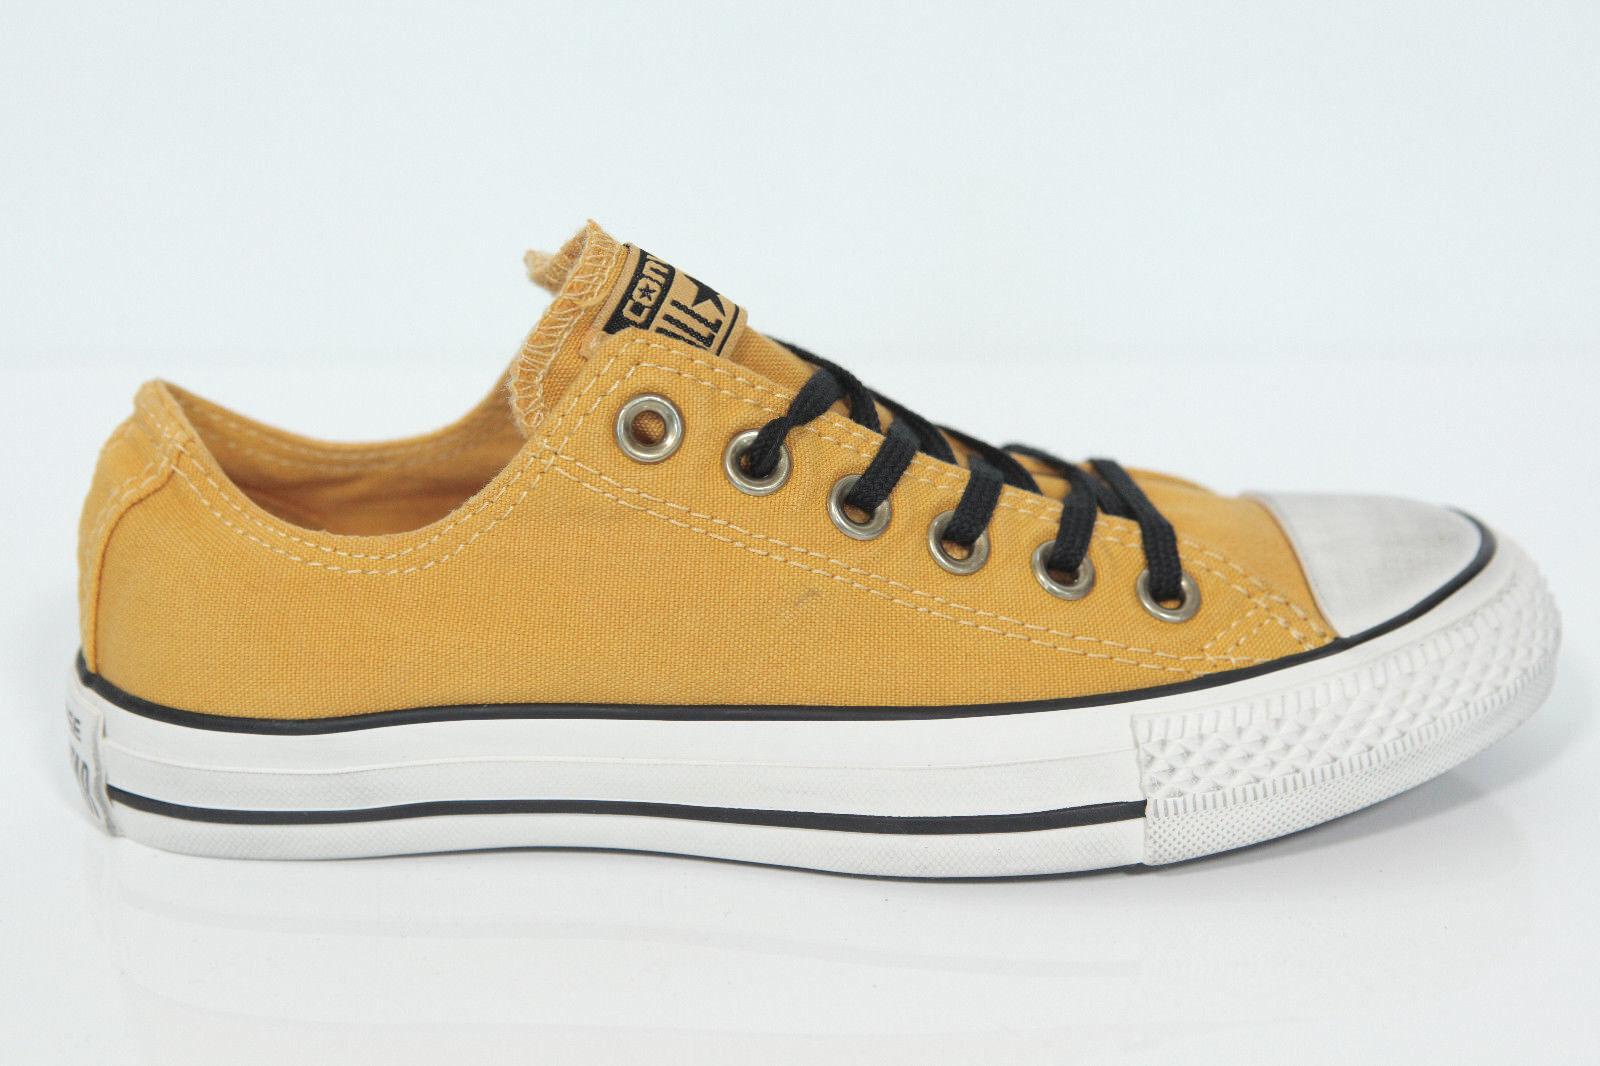 Descuento por tiempo limitado Neu Converse Chucks All Star low Sneaker Schuhe used look 142231c Retro